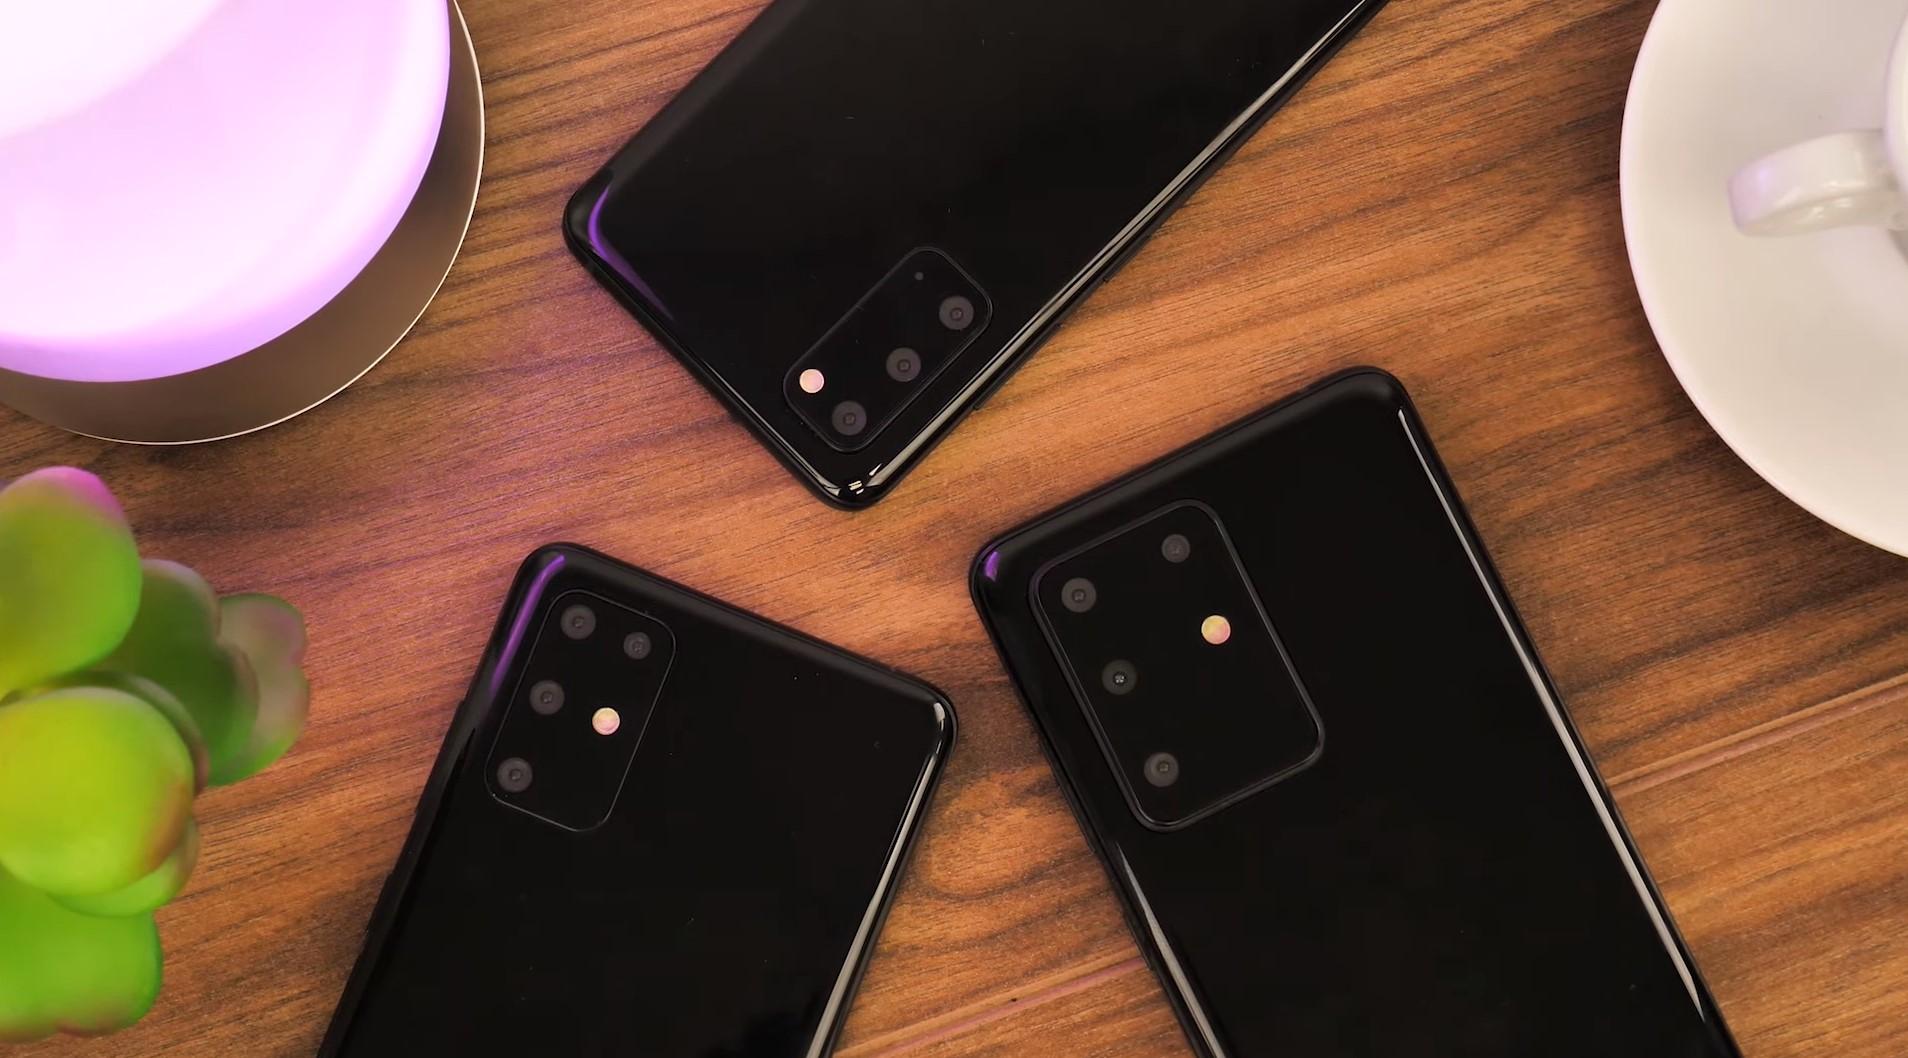 En çok üretilen sahte telefonlar açılandı: İşte o telefonlar